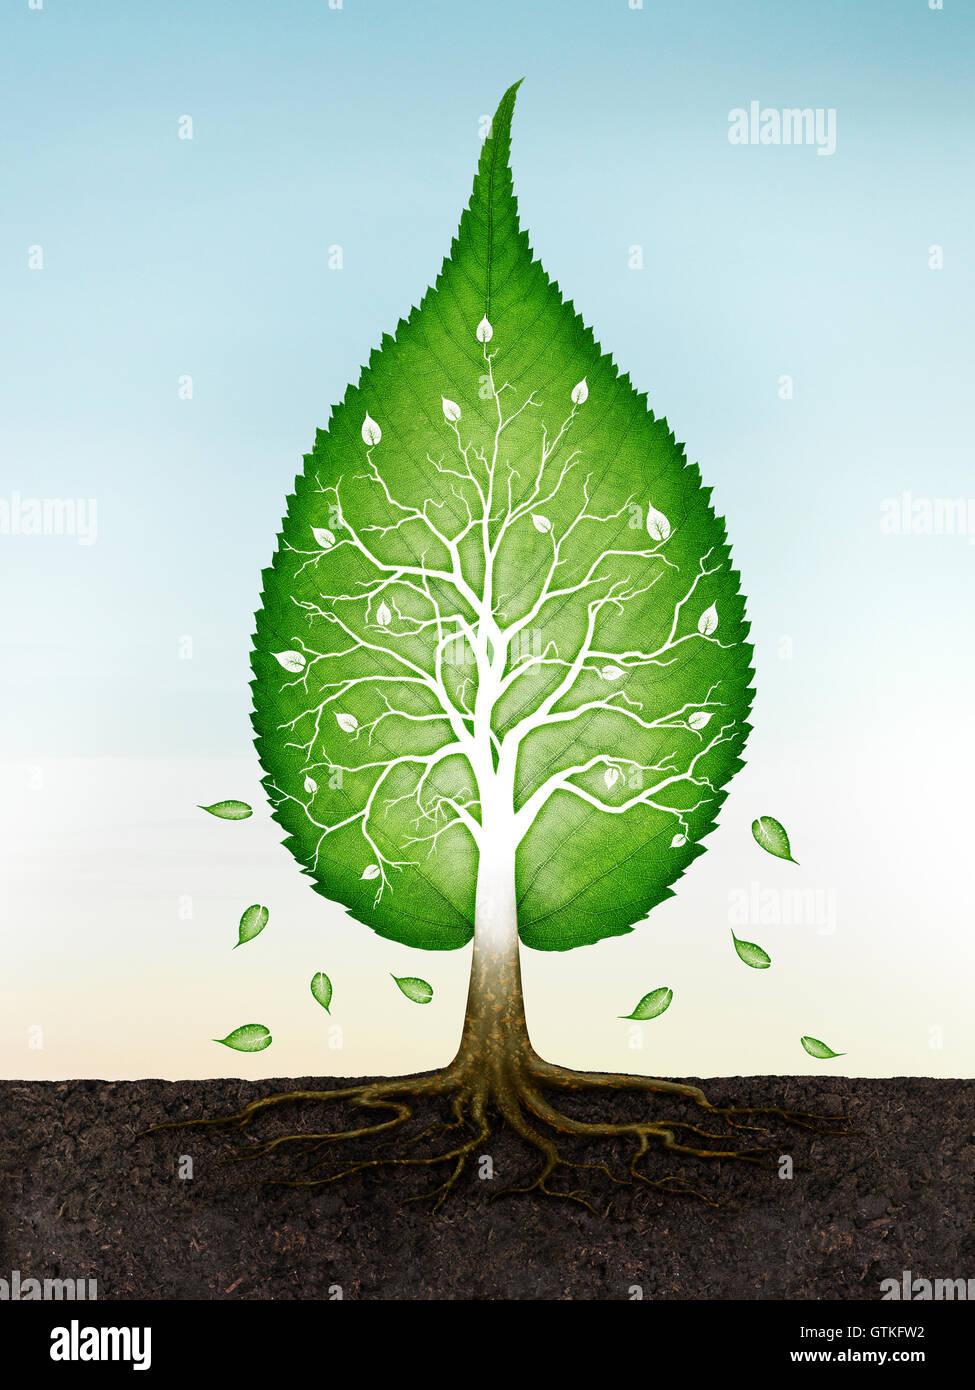 Grünes Blatt Baum mit Wurzeln in der Erde spirituelle Zen Konzept auf blauen Himmelshintergrund geprägt. Stockbild